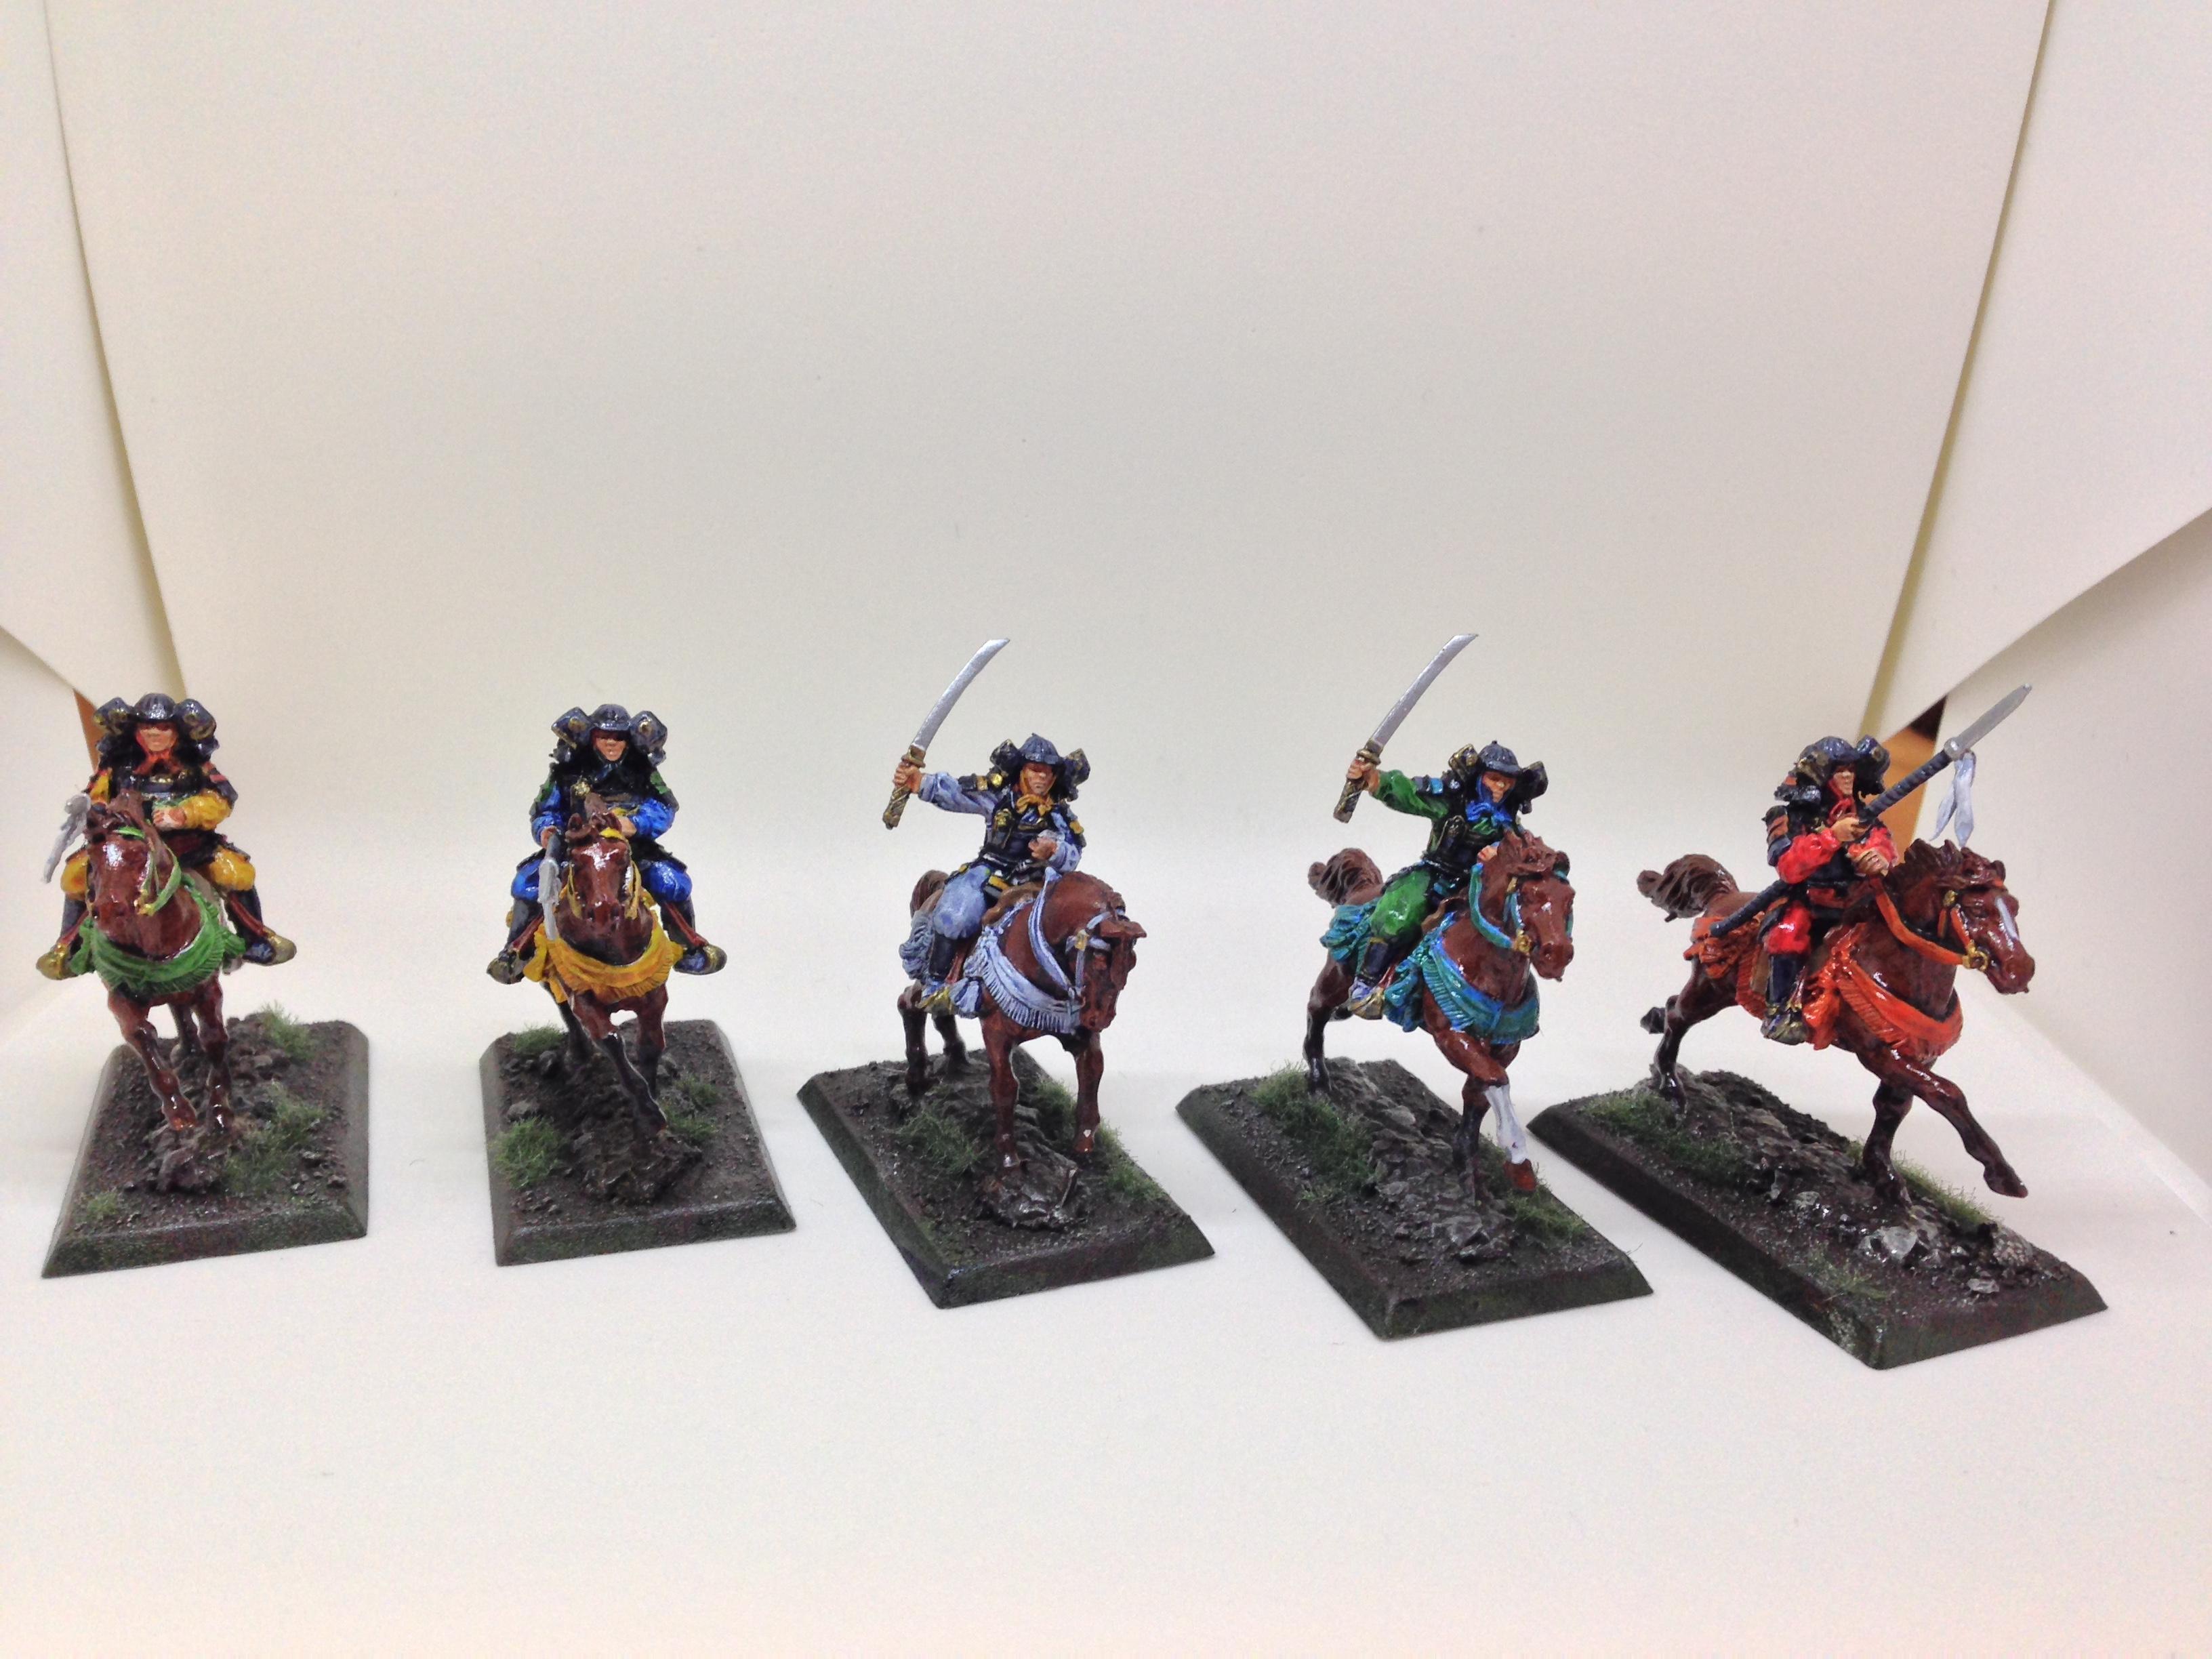 Cavalry, Clan War, Samurai